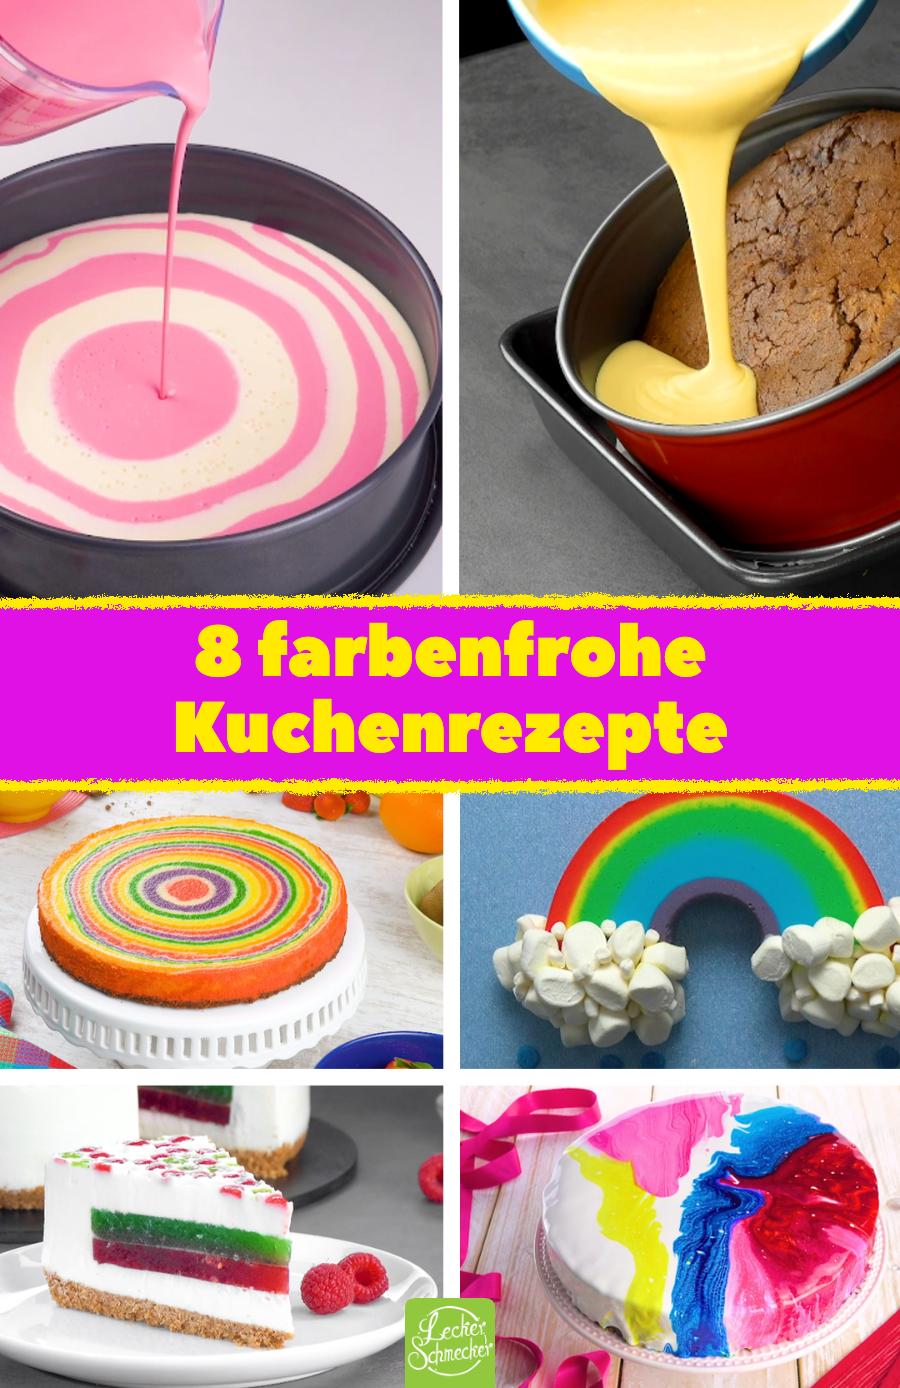 8 farbenfrohe Kuchenrezepte, die richtig gute Laune machen